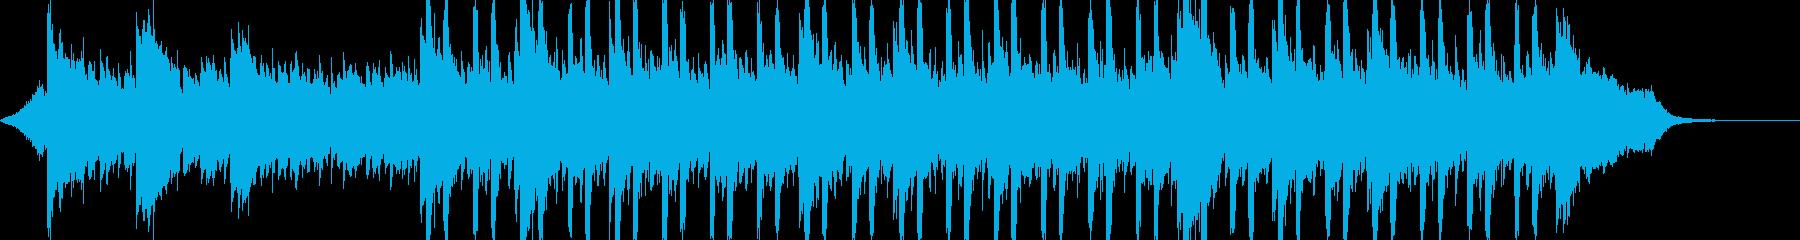 ほのぼのコンセプトなCM イベント告知にの再生済みの波形